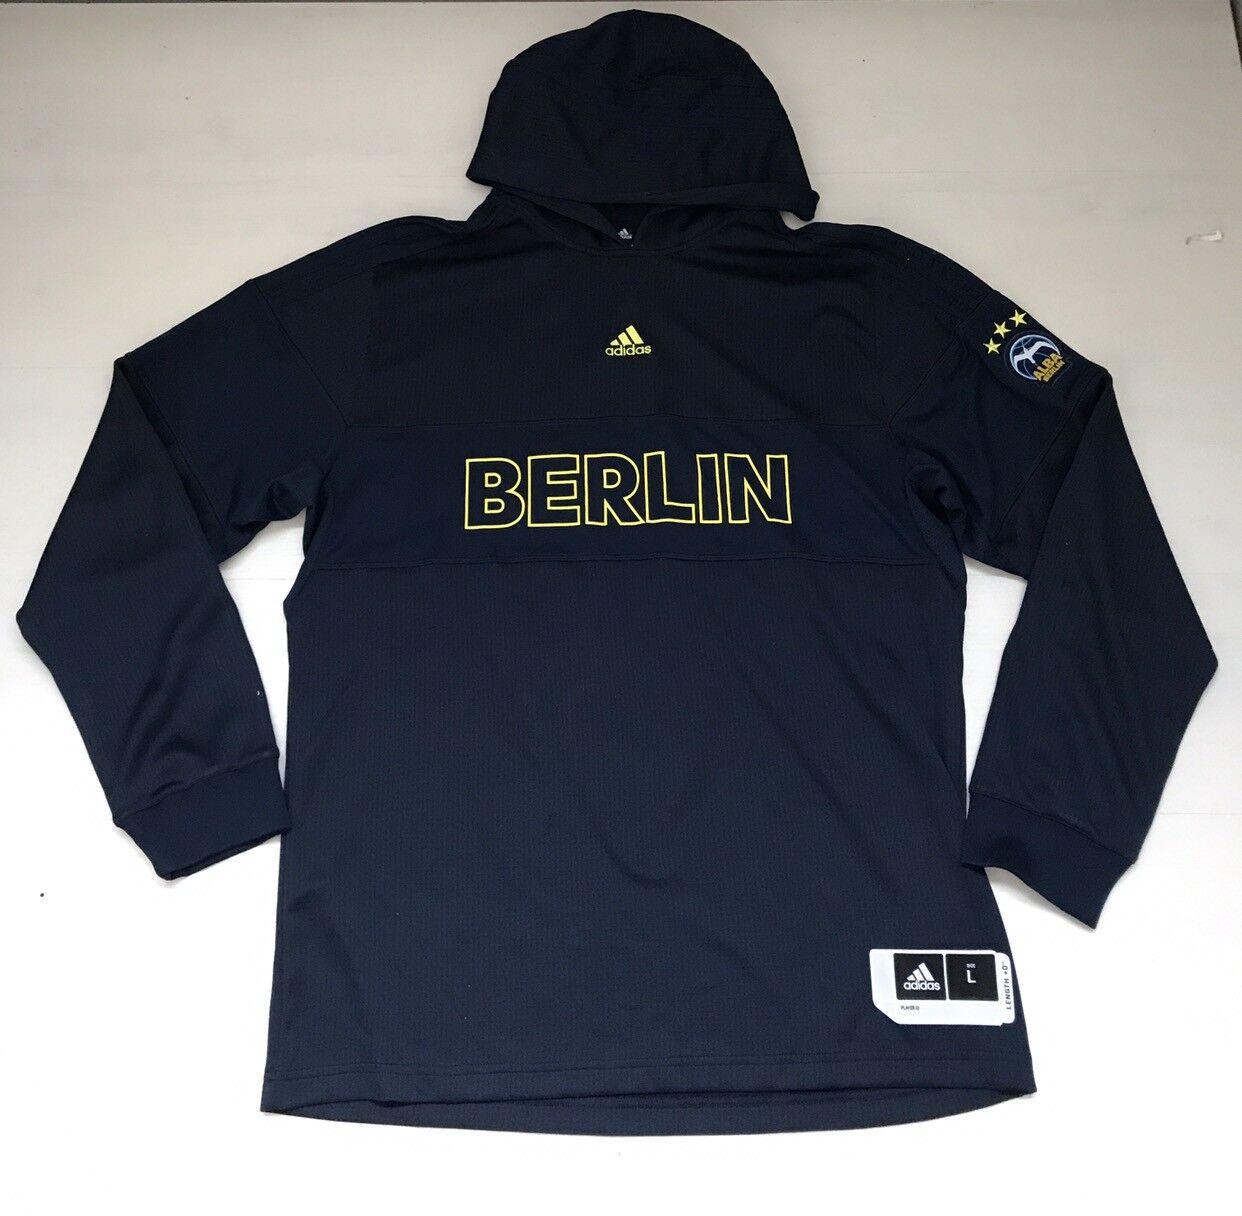 3471 ADIDAS BERLIN FELPA CAPPUCCIO HOODED HOOD SWEAT hombres MAN TOP BASKET AO4401